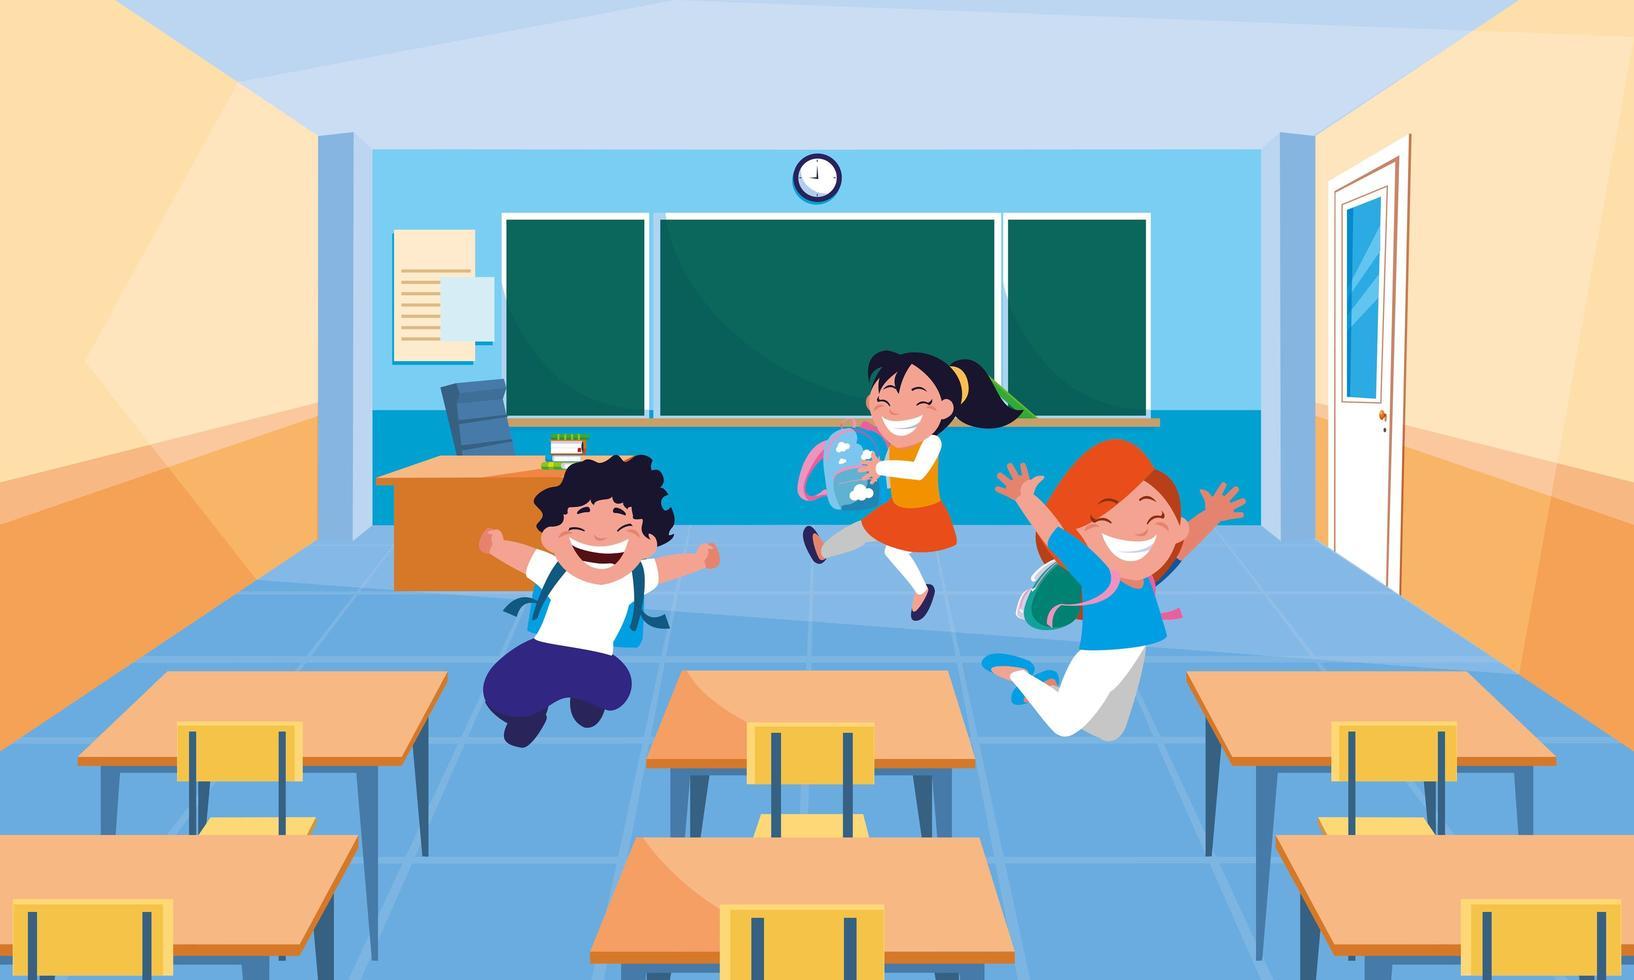 små elever barn i klassrummet vektor